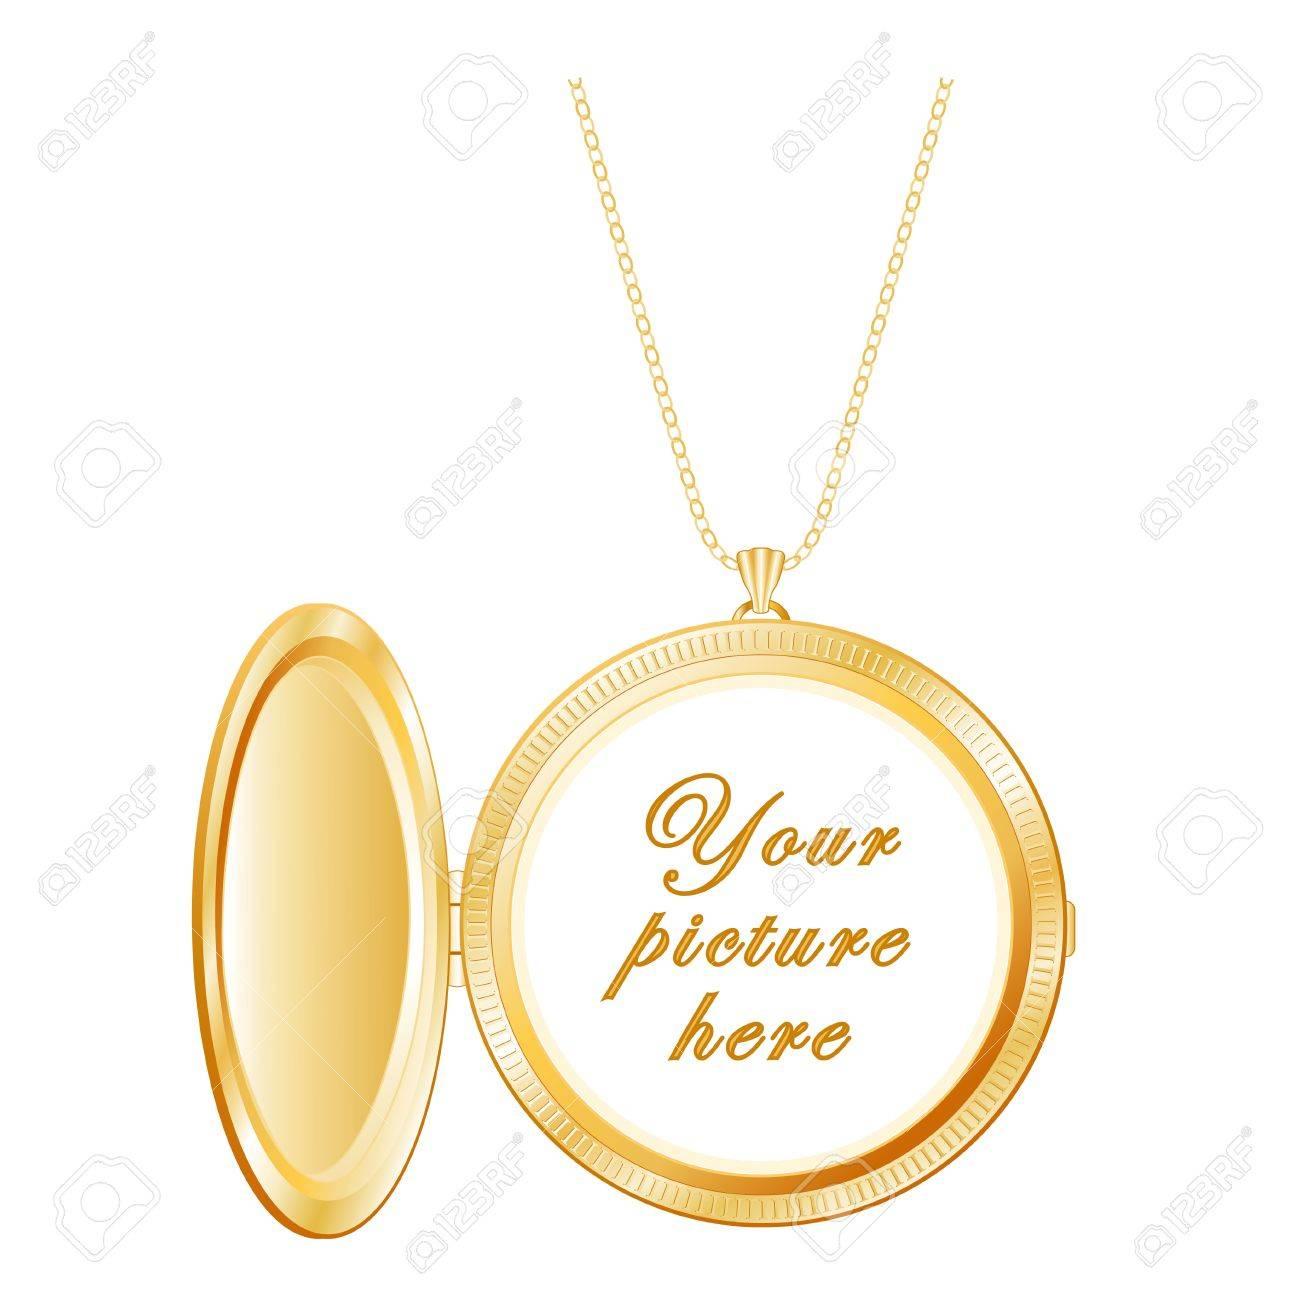 fabrieksprijs goedkoop te koop exclusieve deals Vintage Gold Keepsake medaillon, ketting, geïsoleerd op wit Kopieer de  ruimte voor foto of inscriptie